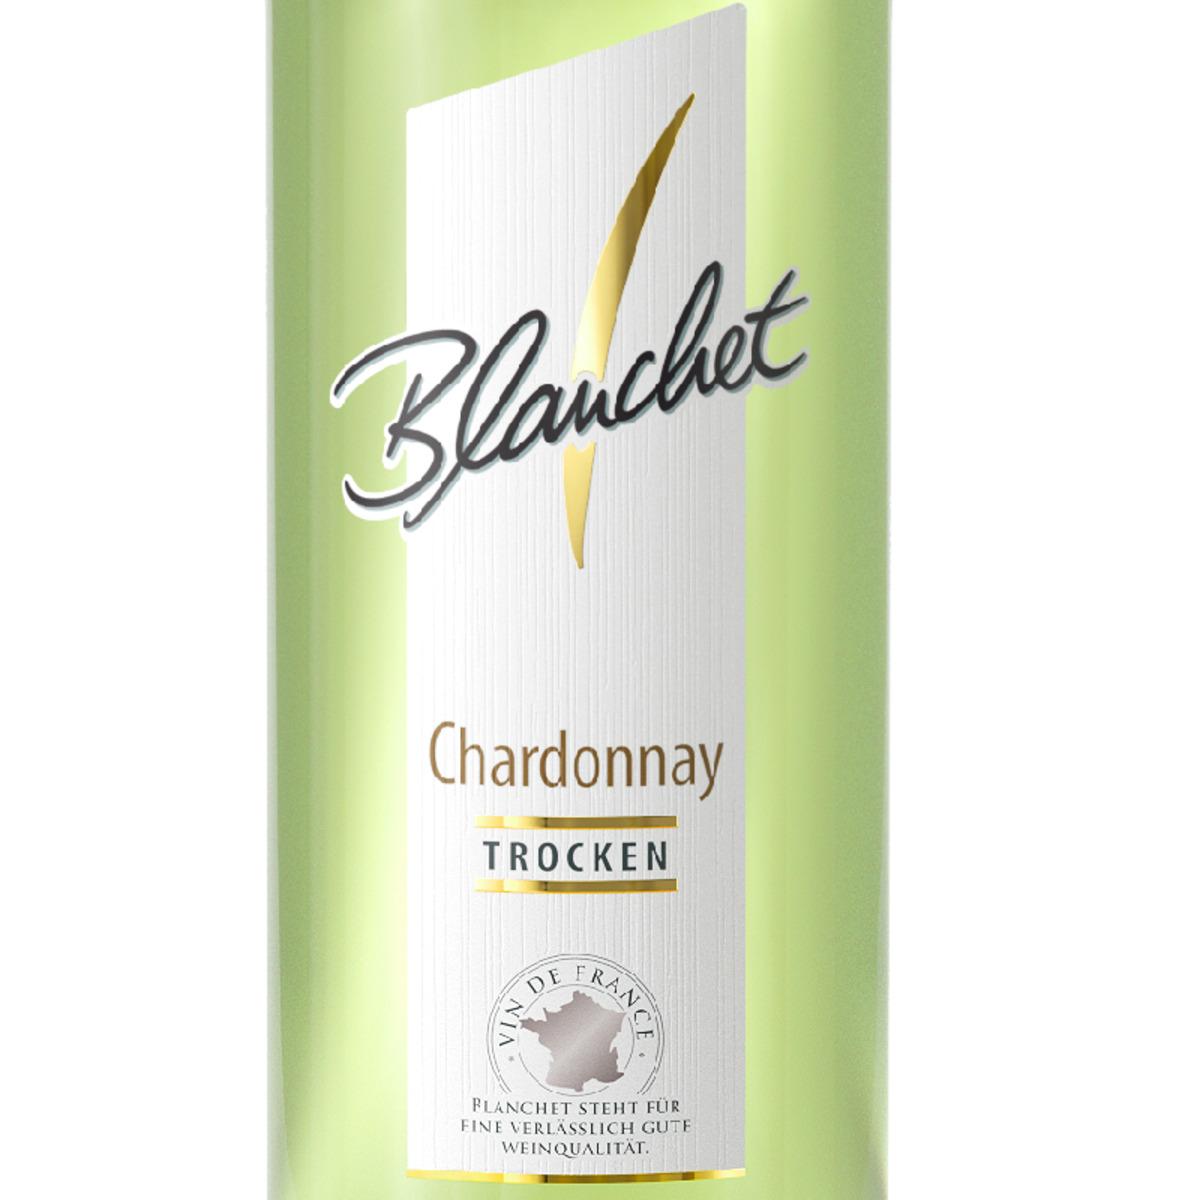 Bild 2 von Blanchet Chardonnay, trocken